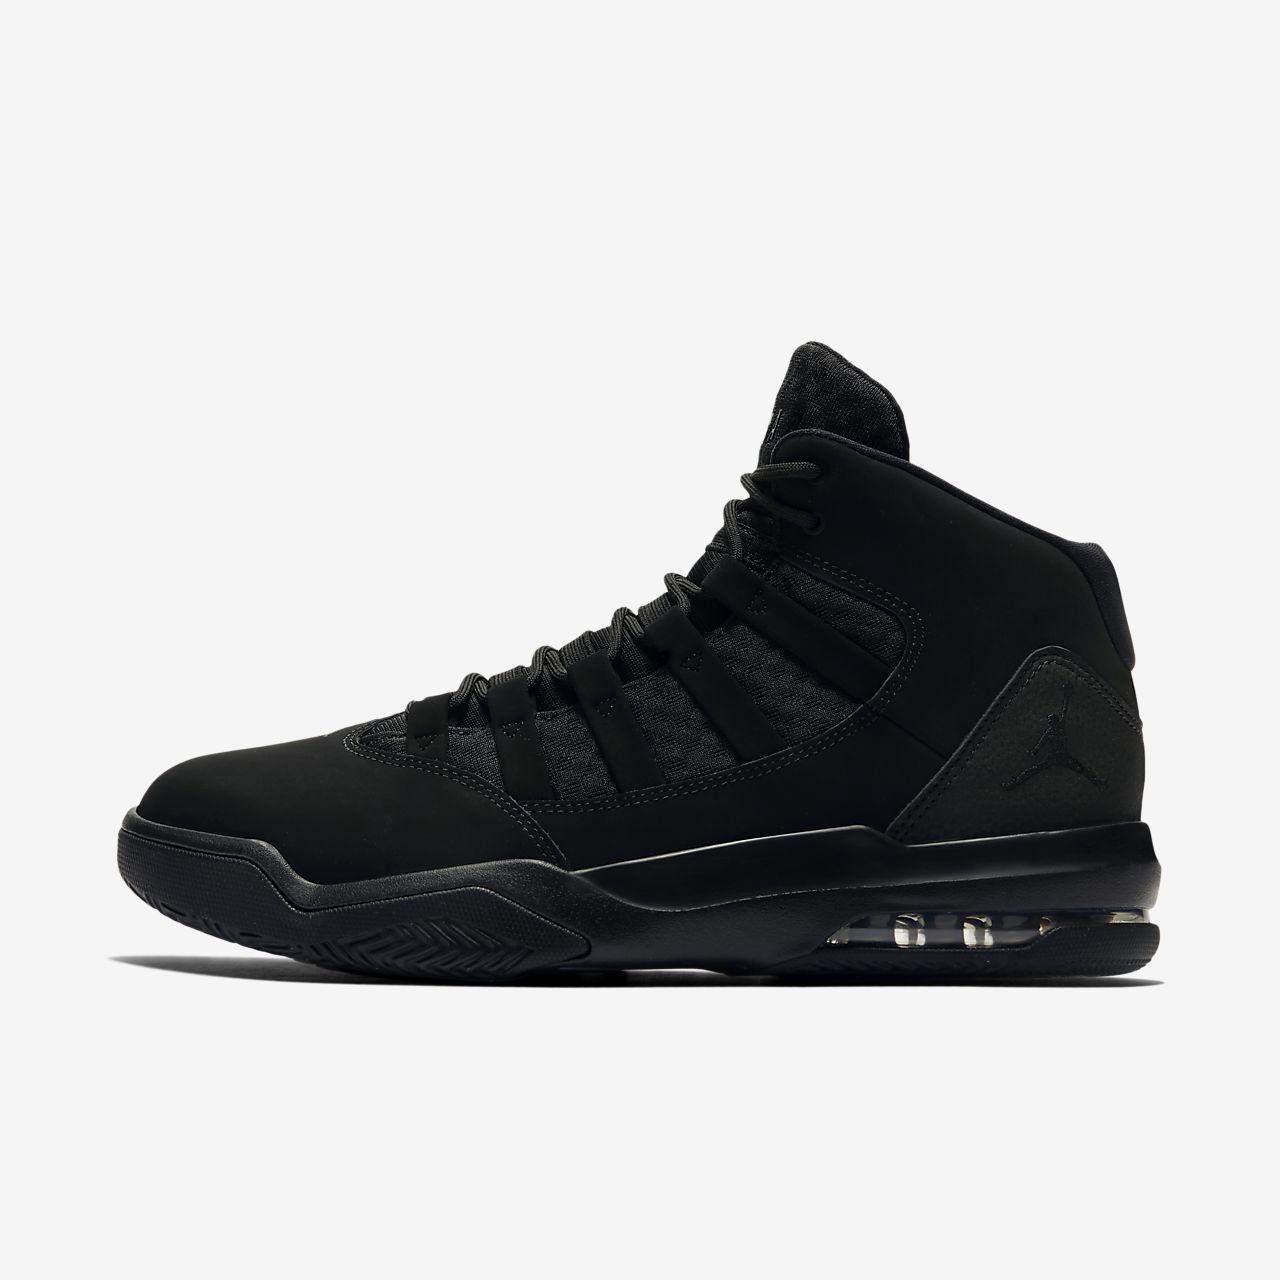 Ανδρικό παπούτσι μπάσκετ Jordan Max Aura